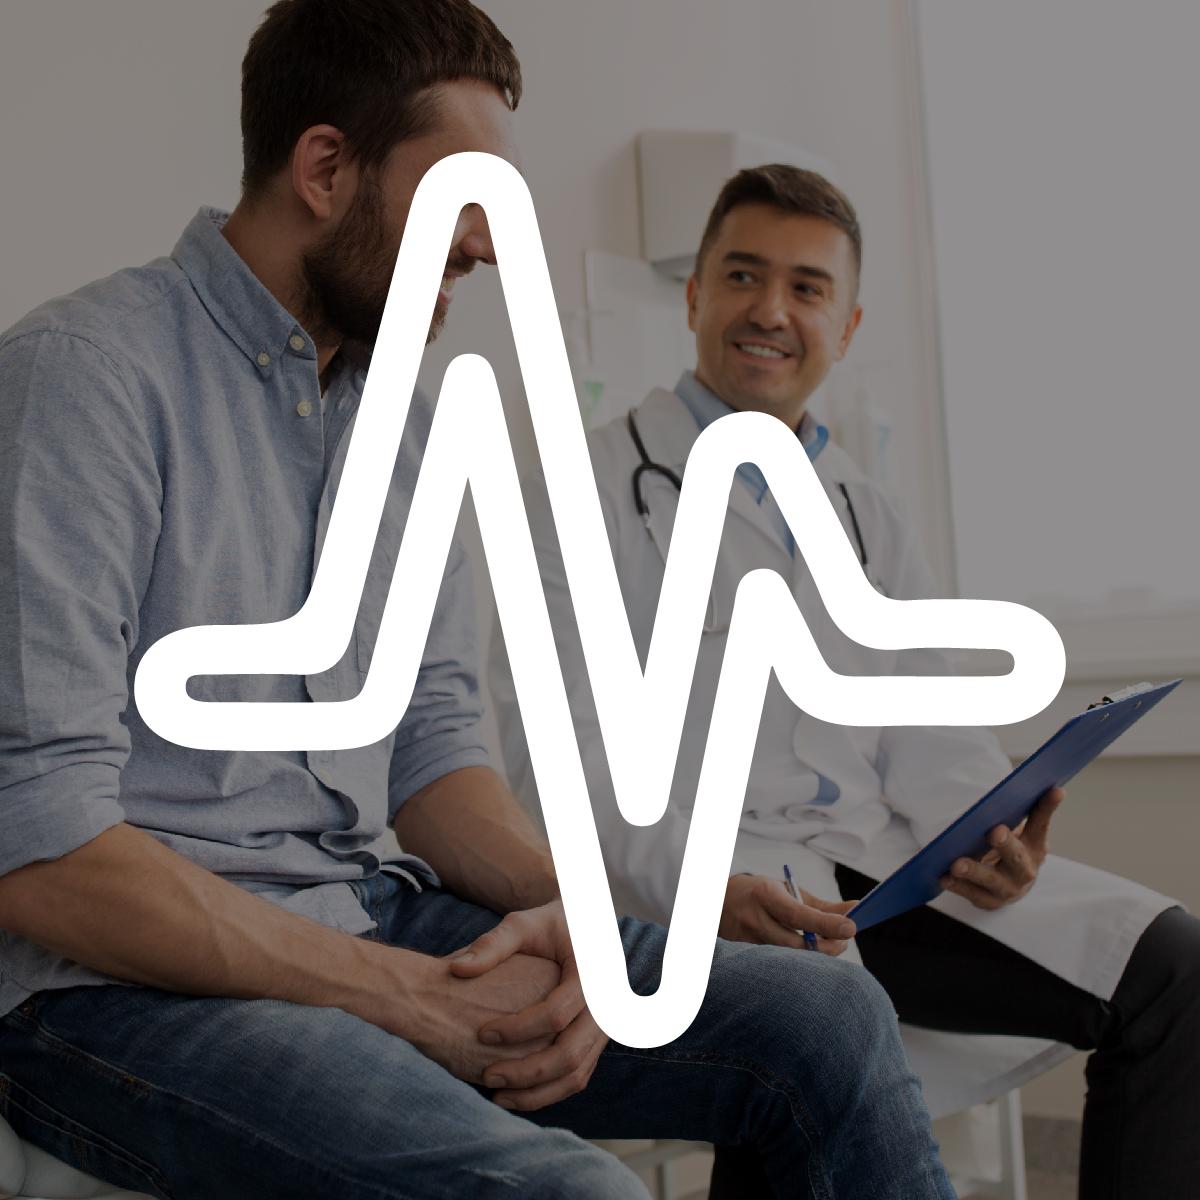 Proyectos de mejoramiento de la salud y bienestar de los seres humanos: - •Desarrollo de proyectos para la optimización financiera y operativa de las entidades prestadoras de salud (EPS).•Apoyo en la búsqueda de recursos financieros para las instituciones prestadoras de salud como hospitales y demás prestadores (IPS).